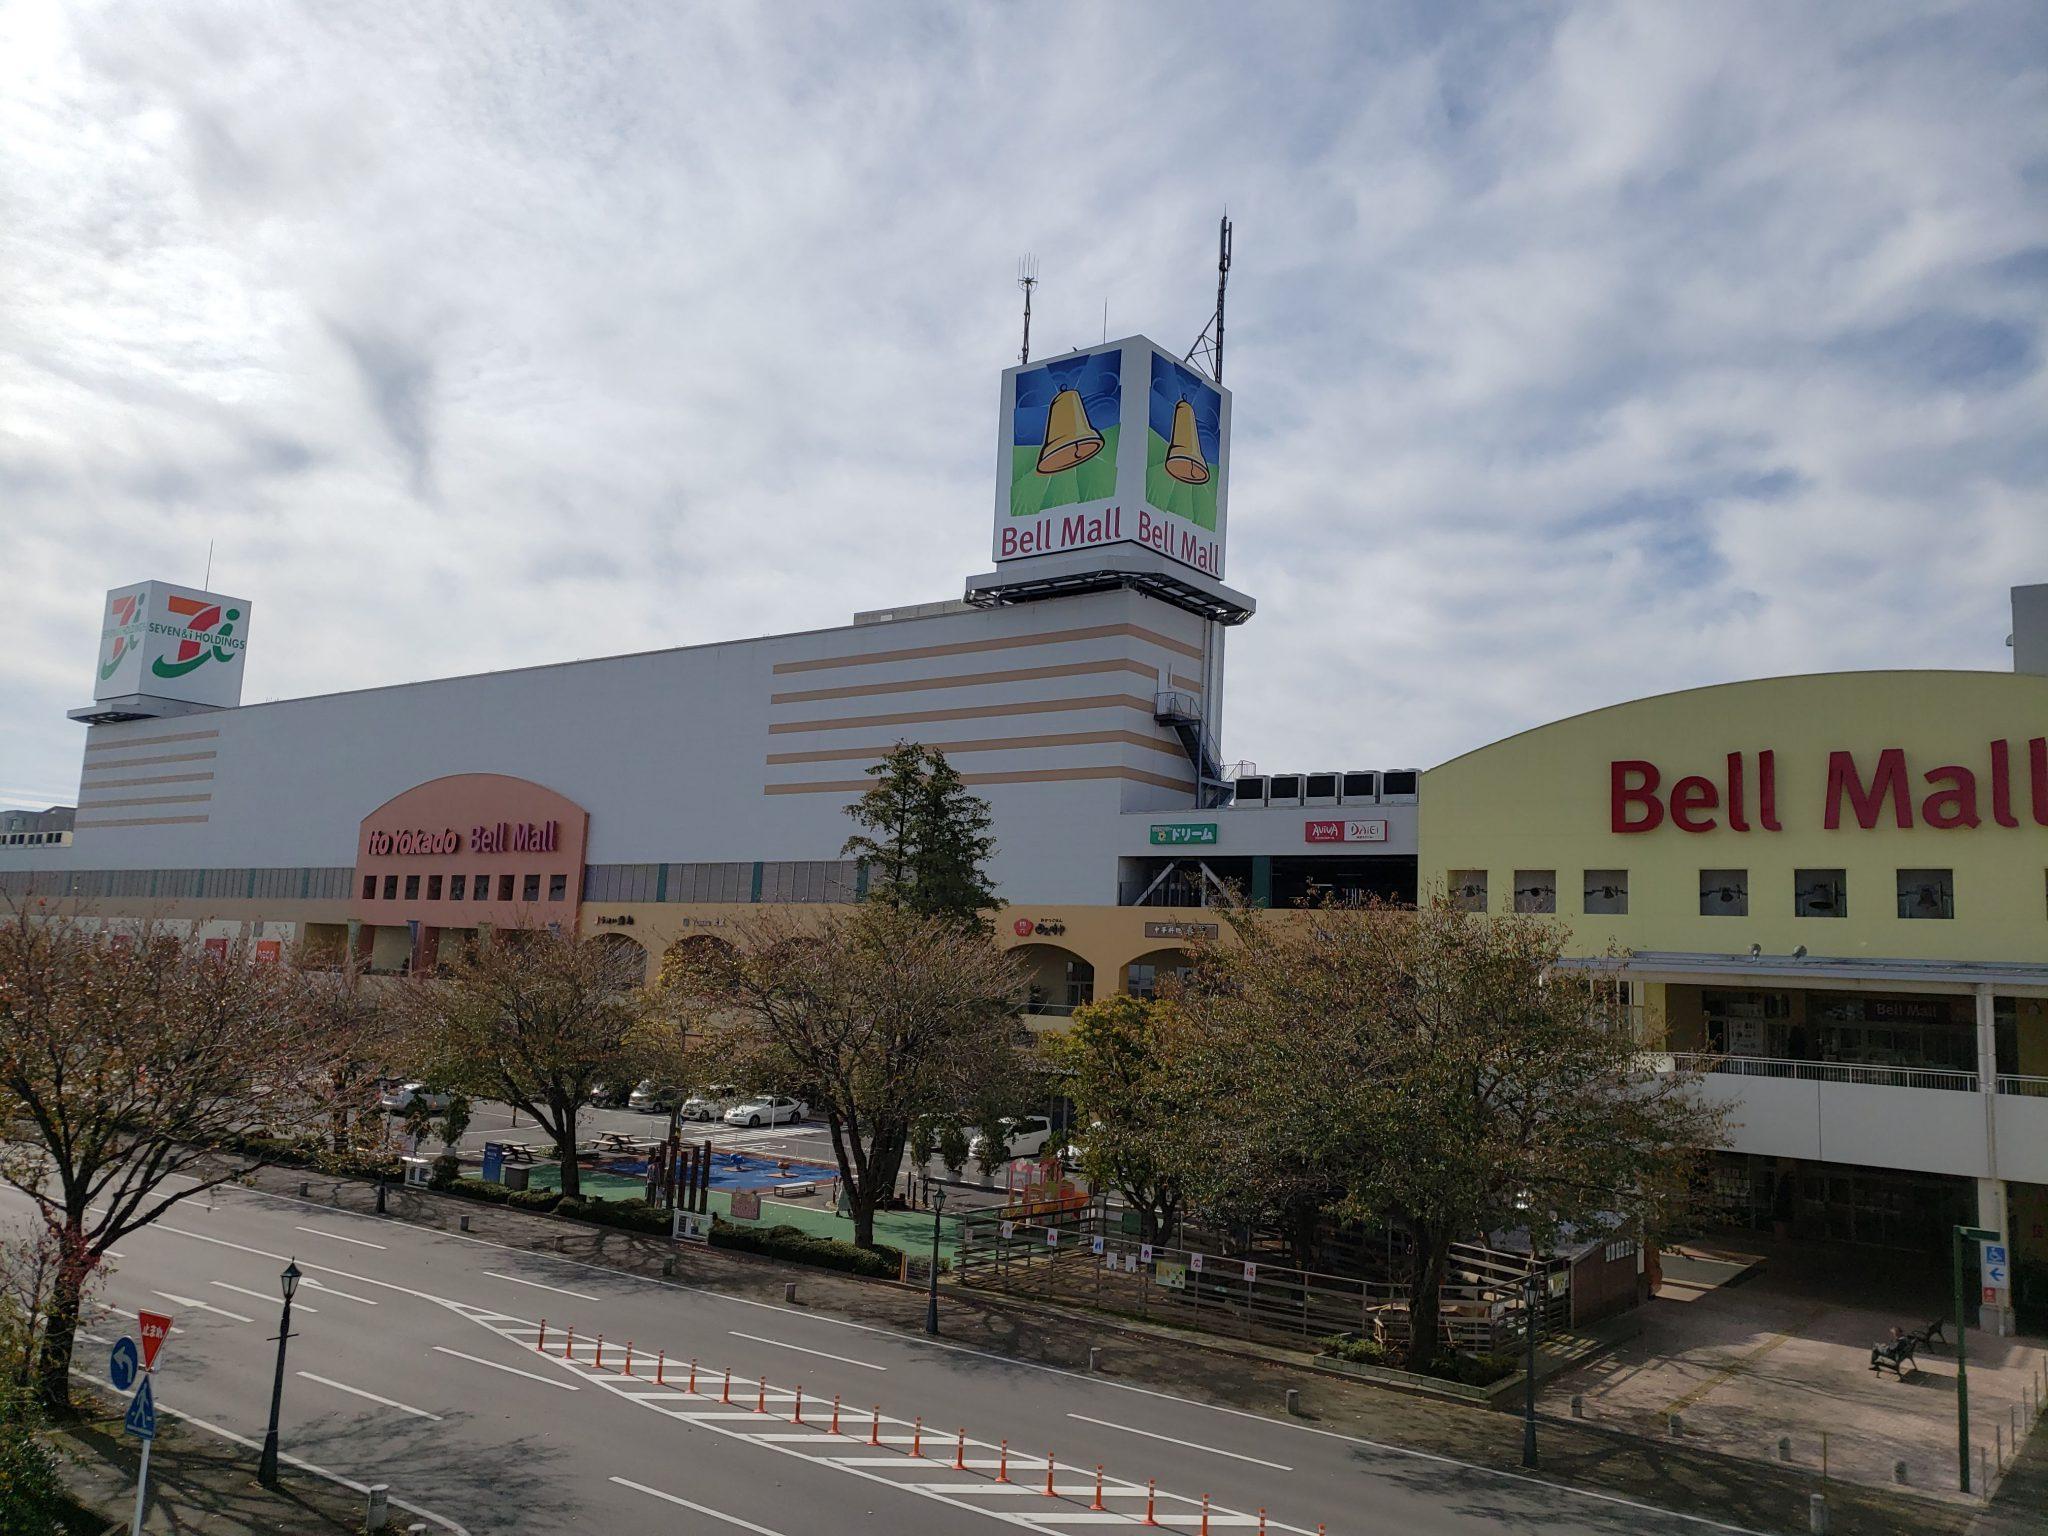 宇都宮・ベルモール明日(4月22日)から一部臨時休業、専門街等は5月6日まで、TOHOシネマズは無期休業